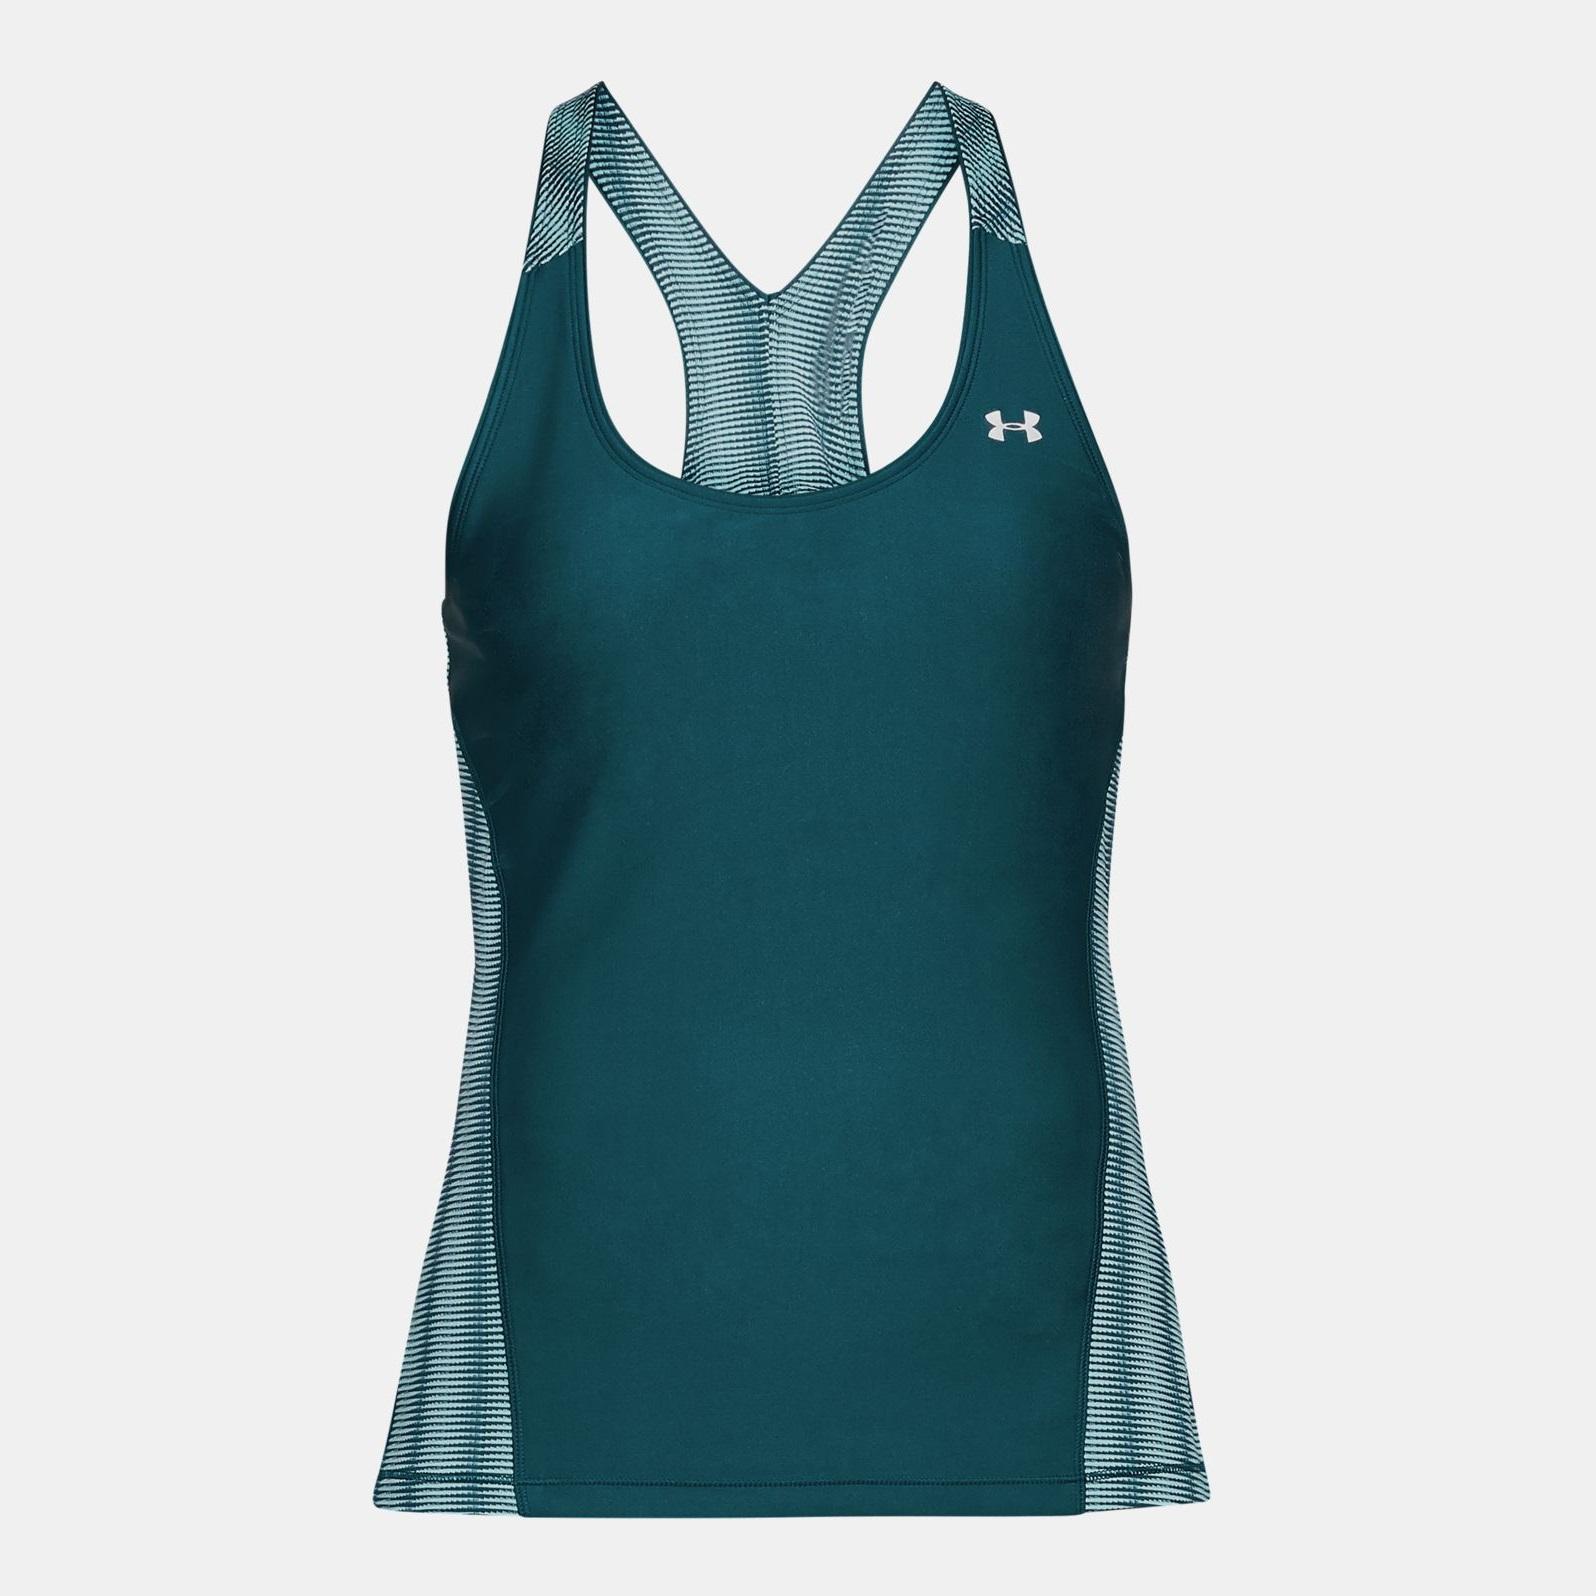 Îmbrăcăminte -  under armour HeatGear Tank Top 0521